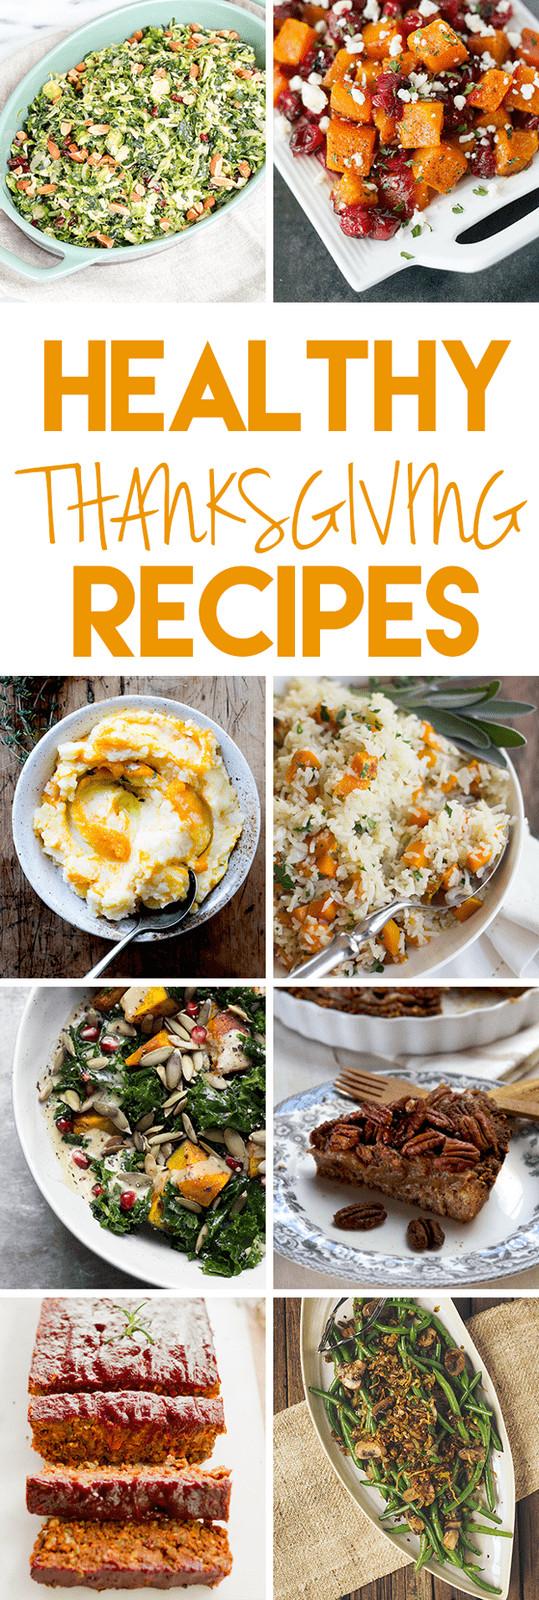 Healthy Thanksgiving Food  Healthy Thanksgiving Recipes gluten free ve arian